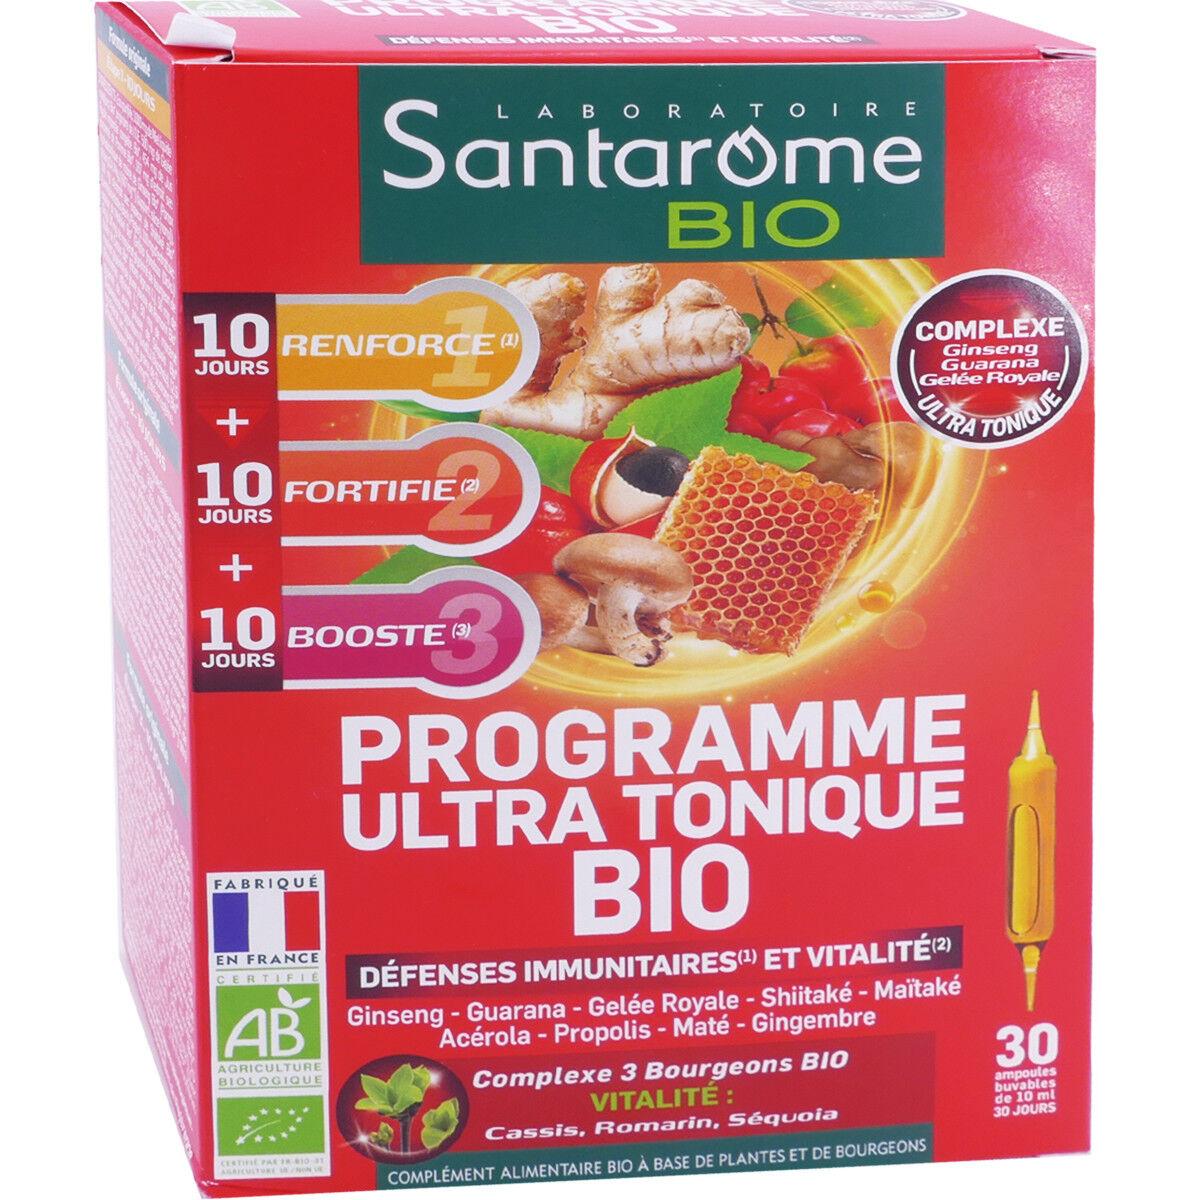 Santarome bio programe ultra tonique bio 30 ampoules 10ml